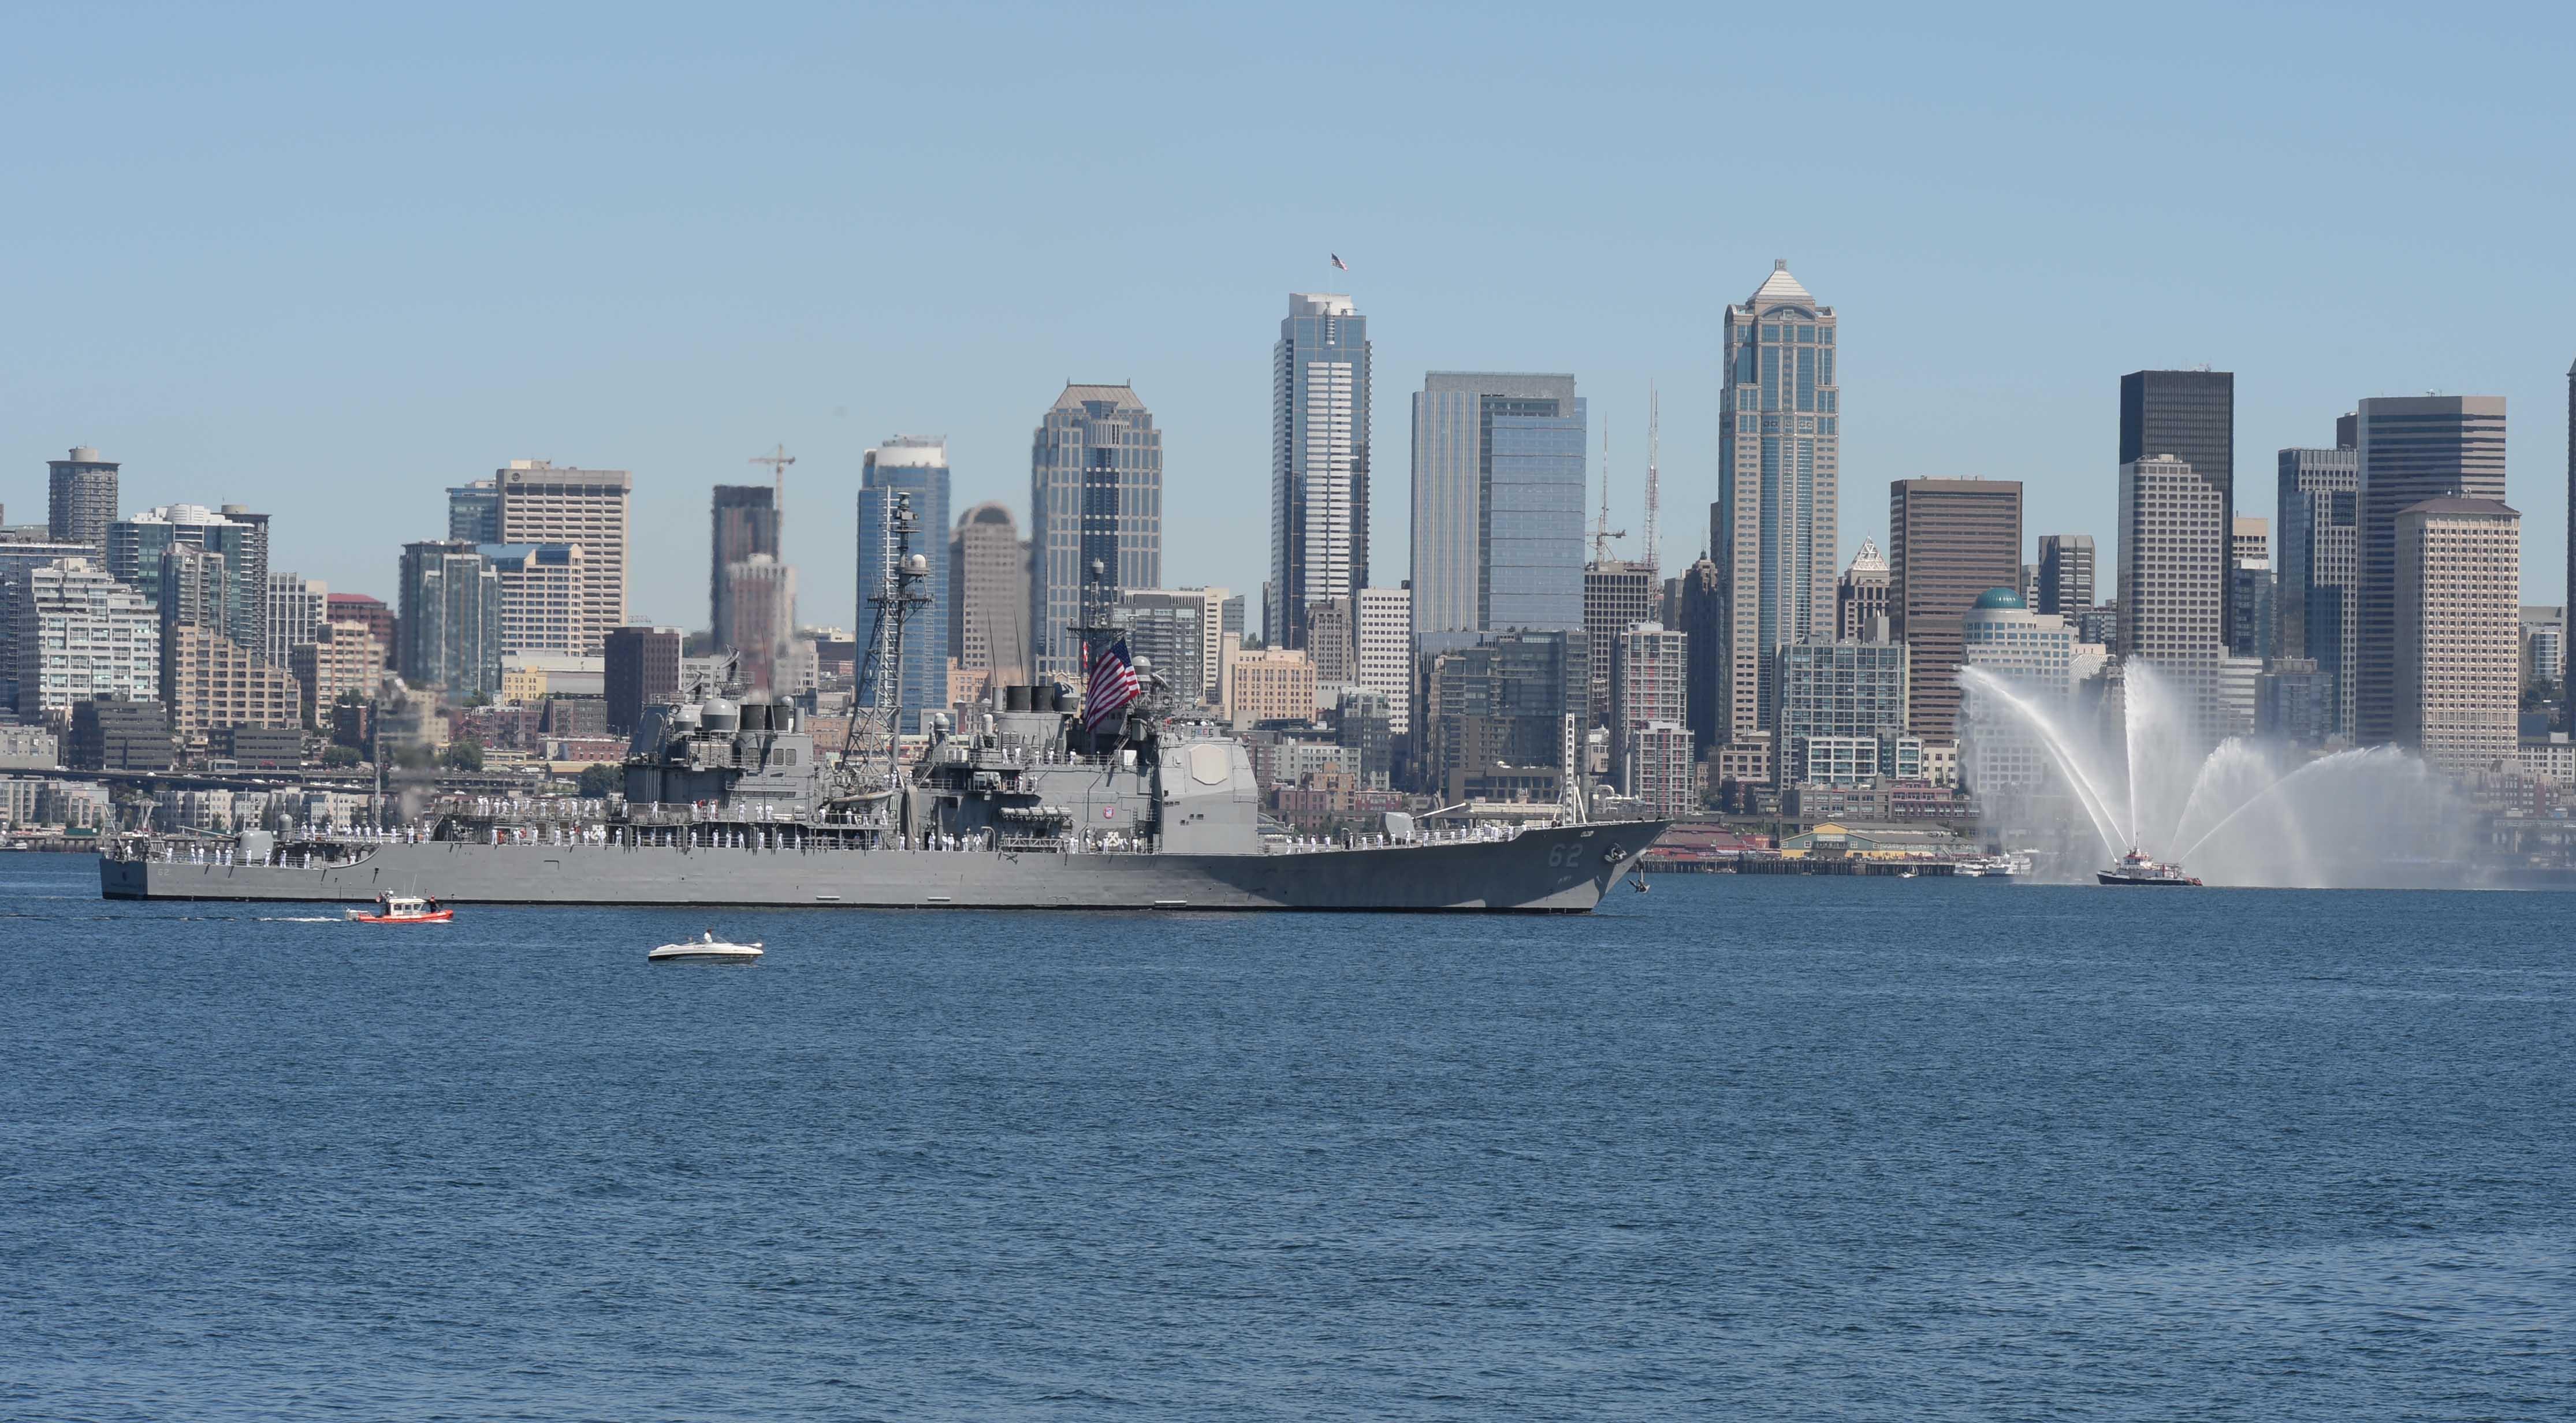 USS CHANCELLORSVILLE CG-62 Einlaufen Seattle Seafair Fleet Week am 30.07.2014 Bild : U.S. Navy